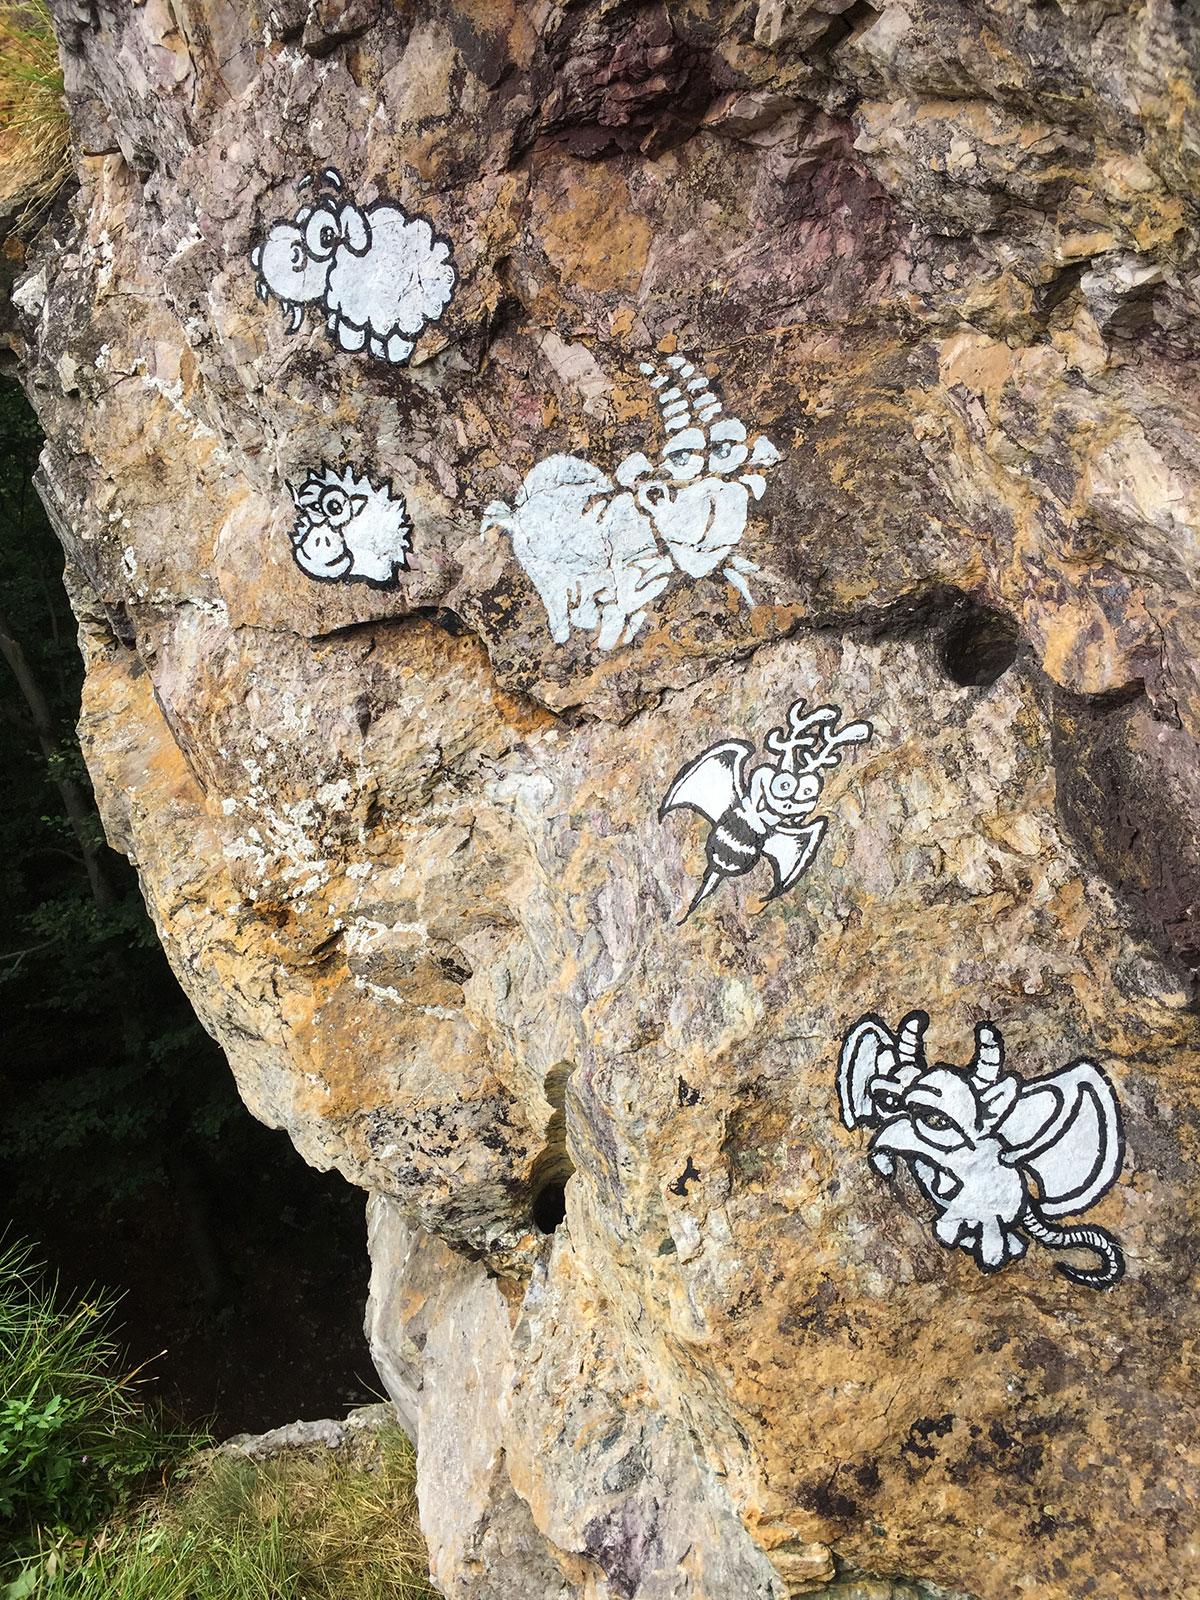 Harz, Krockstein, Gravity of Trolls